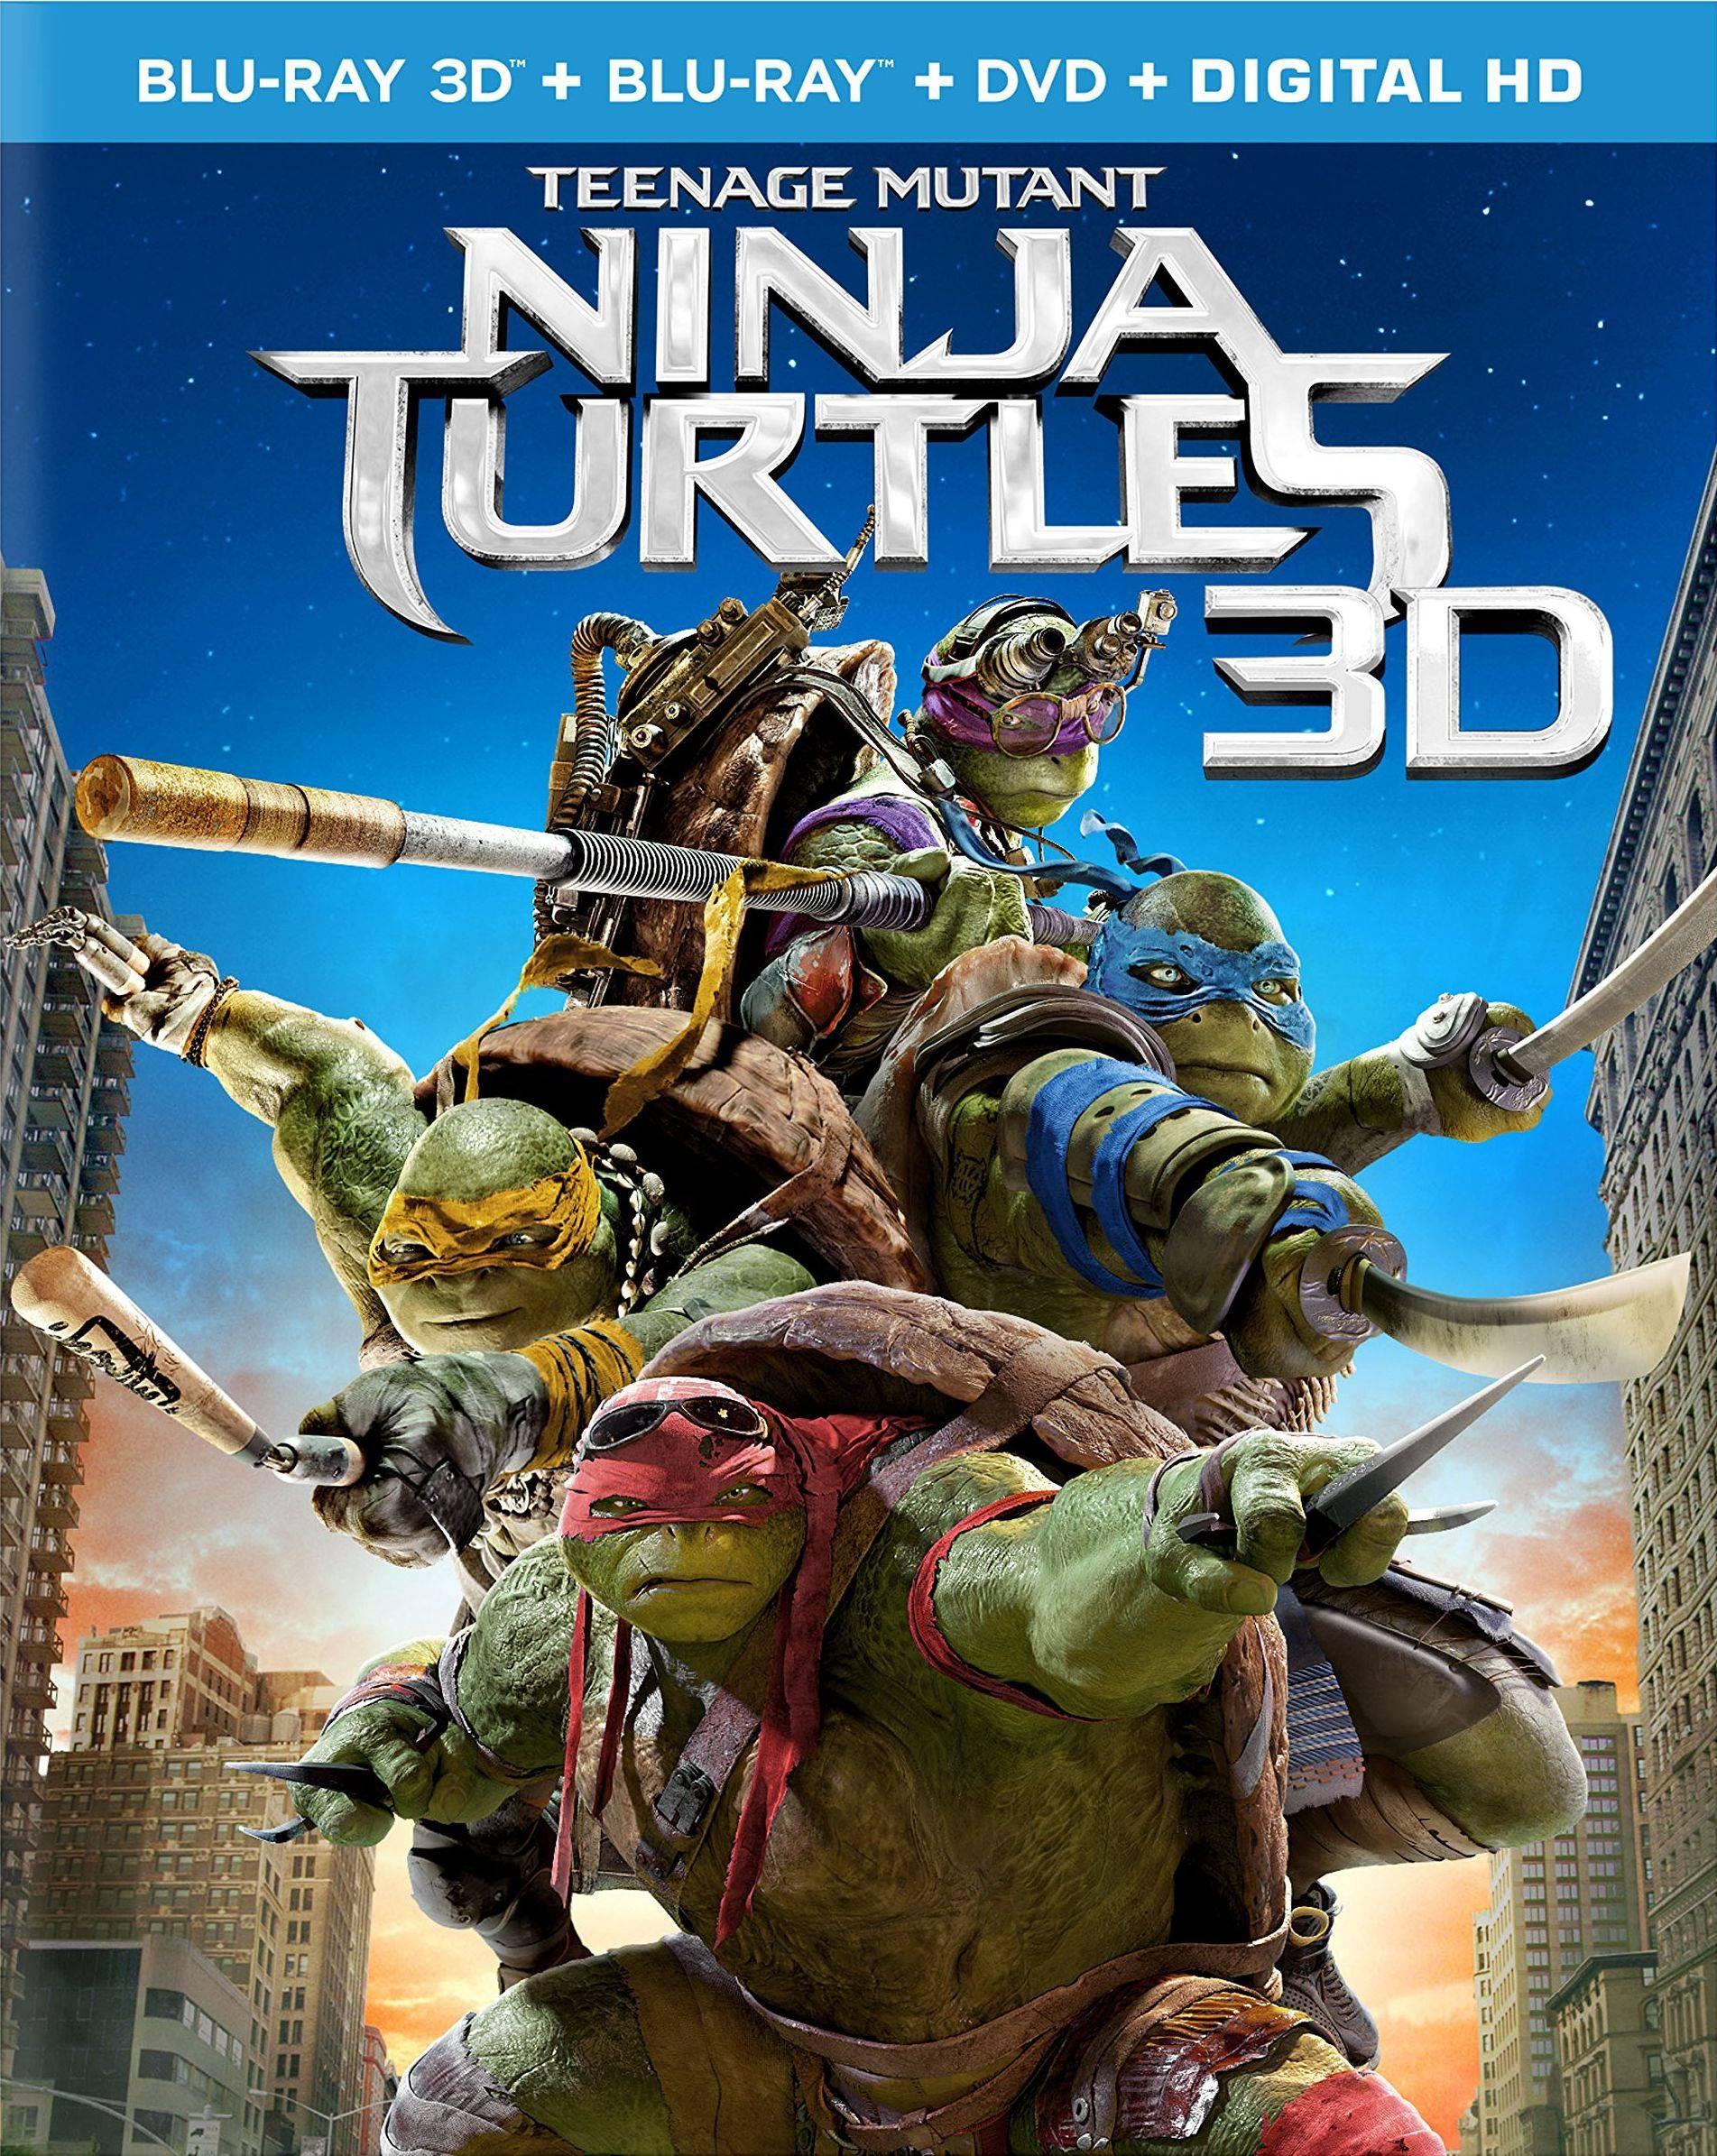 Teenage Mutant Ninja Turtles Blu-ray 3D